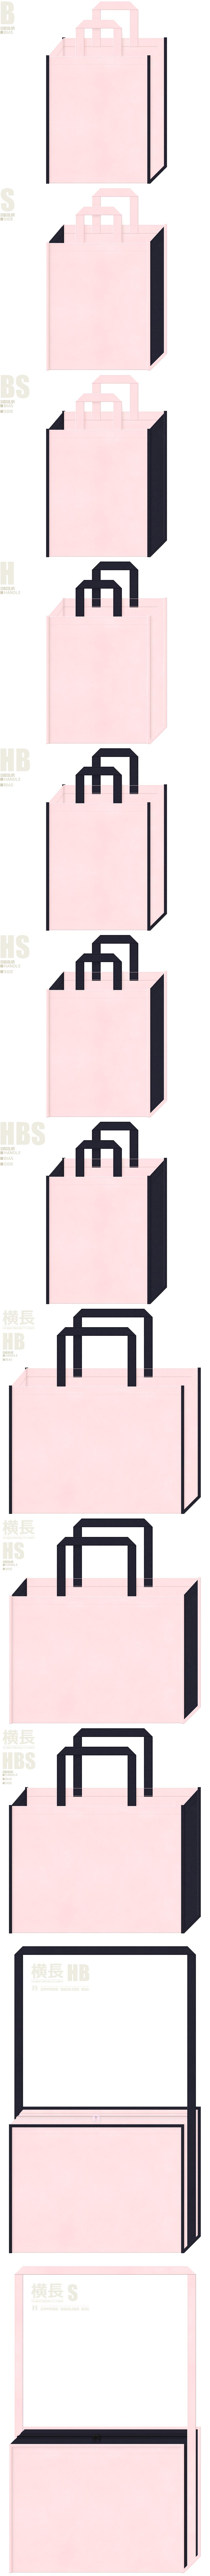 学校・学園・オープンキャンパス・学習塾・レッスンバッグにお奨めの不織布バッグデザイン:桜色と濃紺色の配色7パターン。